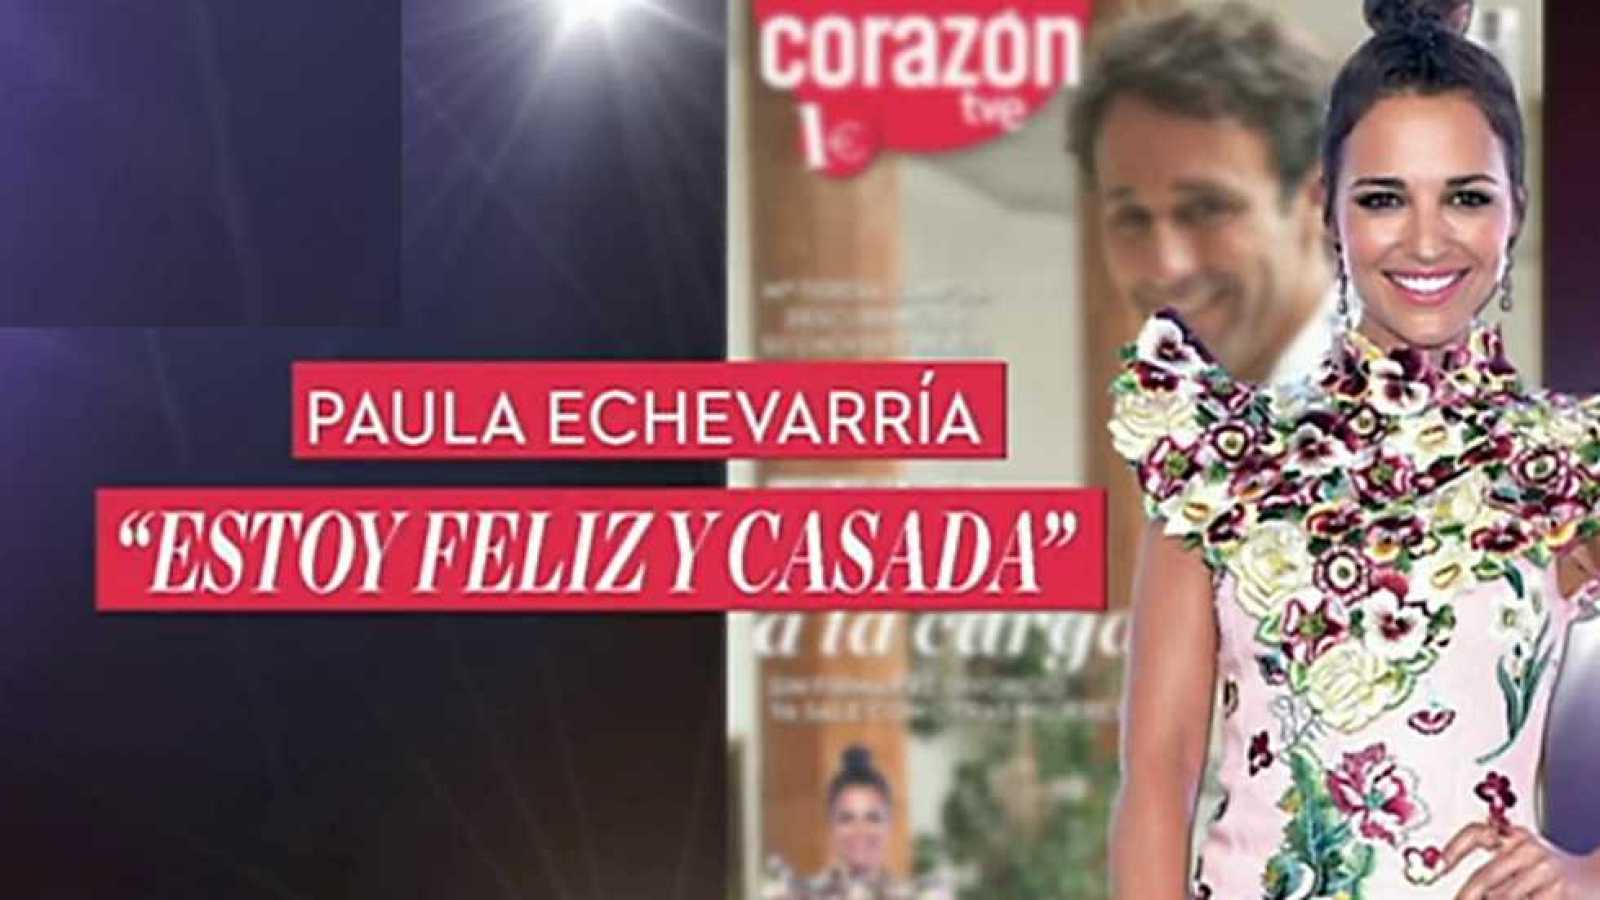 Corazón - 29/05/17 - RTVE.es